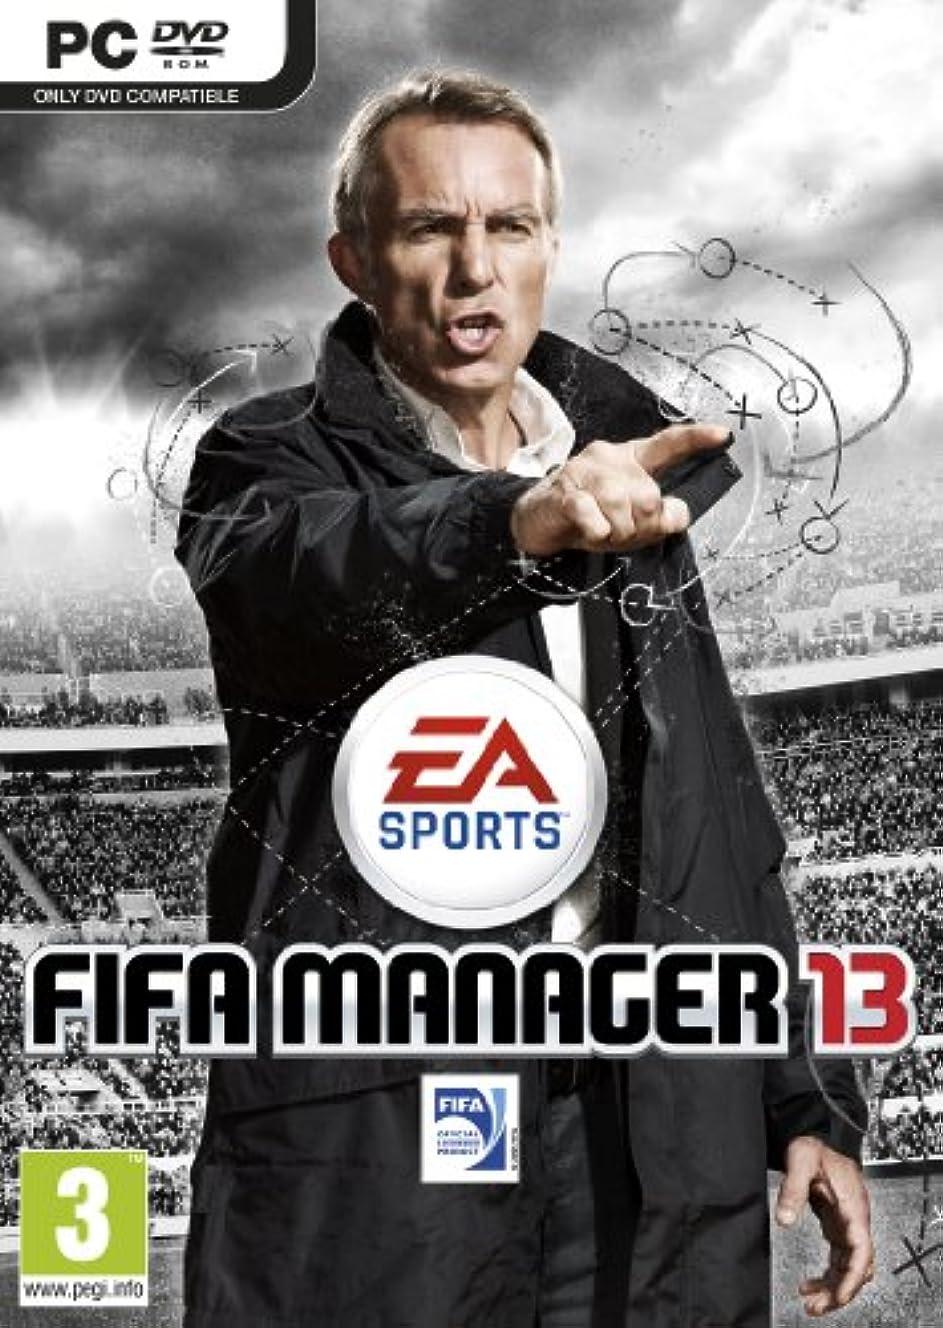 ヒント考案する誇大妄想FIFA Manager 13 (英語版) [オンラインコード]